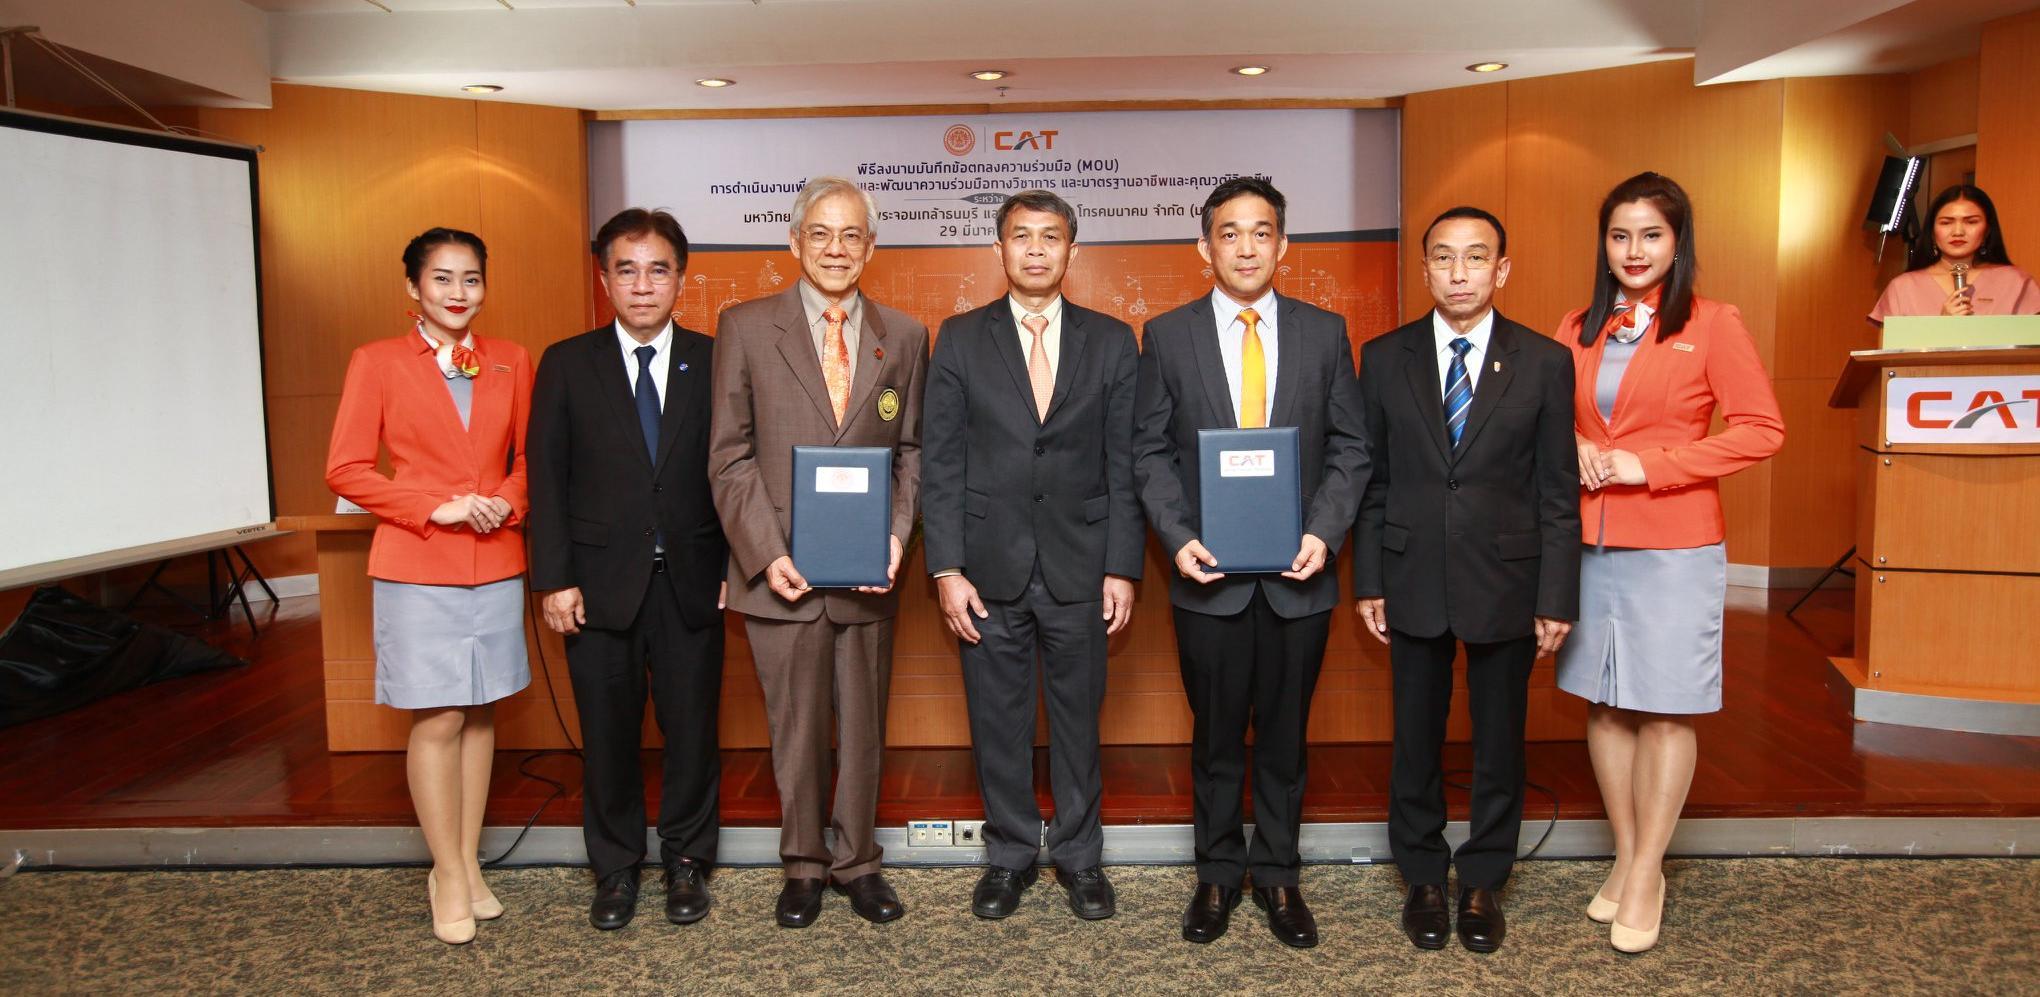 CAT จับมือ KMUTT ร่วมพัฒนาบุคลากรด้านดิจิทัล  รองรับการขับเคลื่อนประเทศสู่ Thailand 4.0